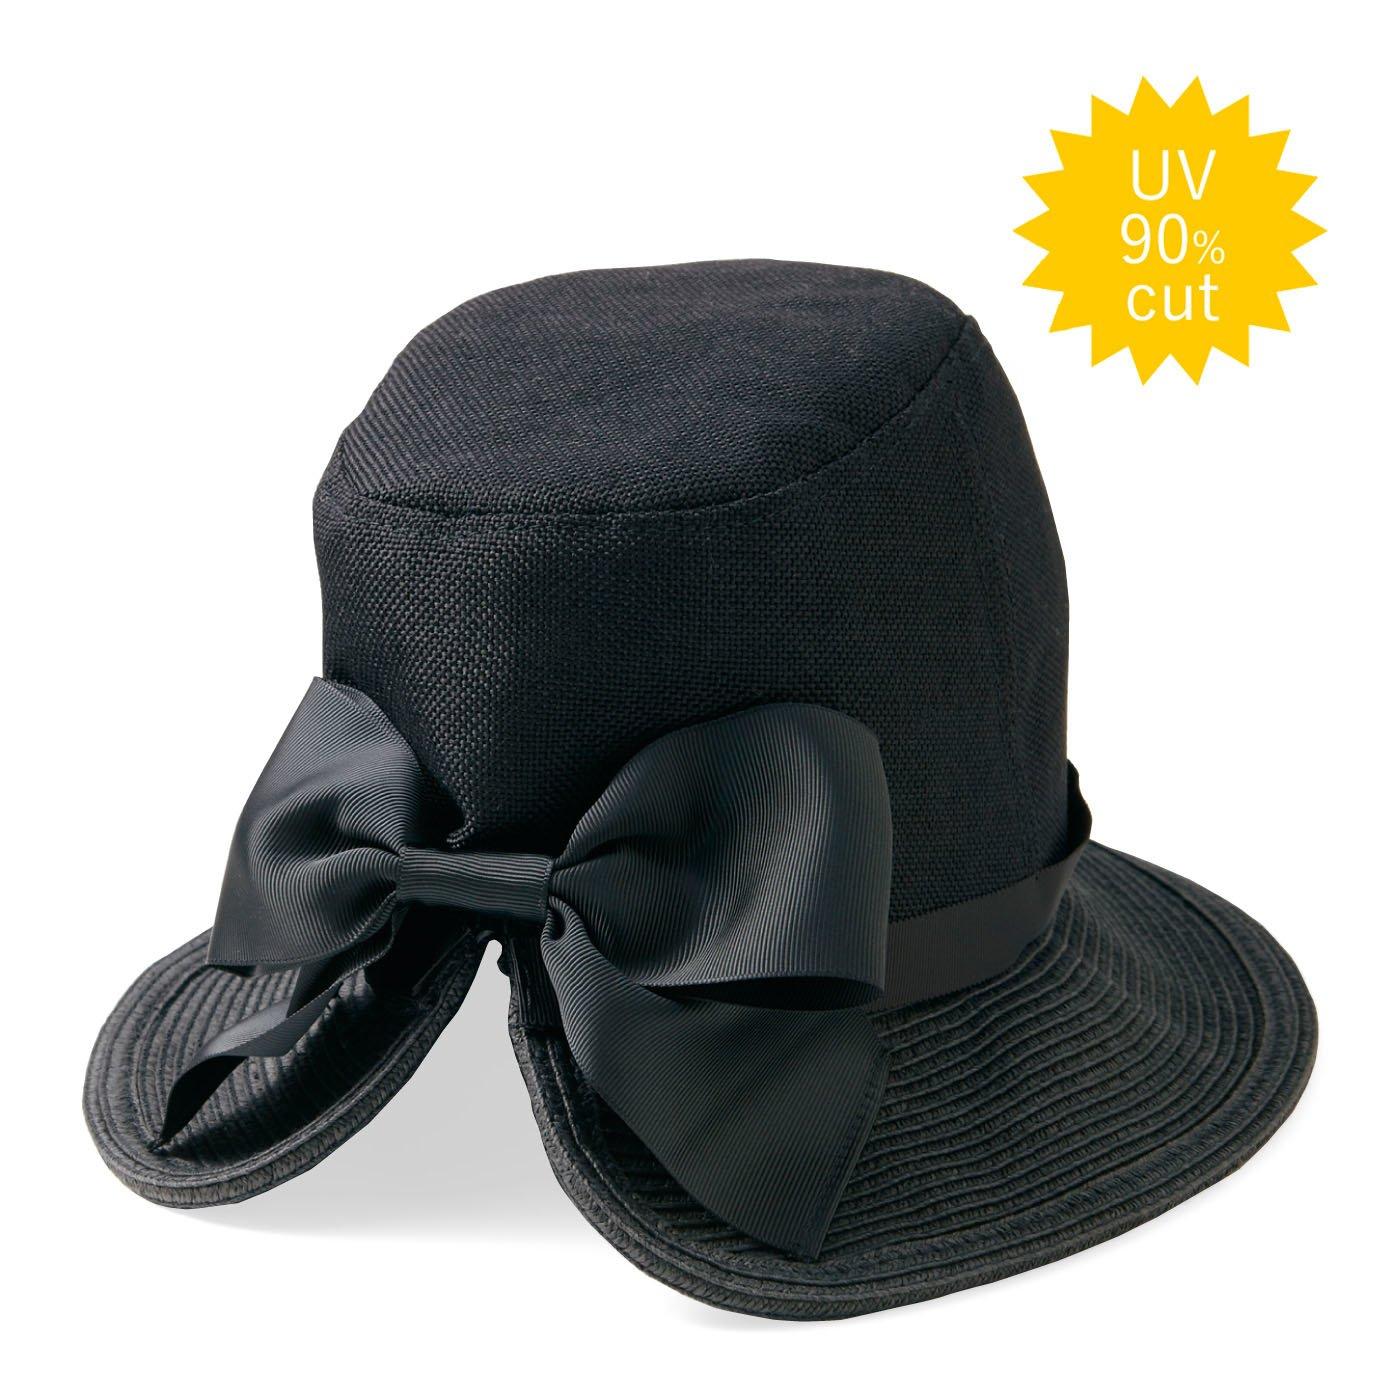 リブ イン コンフォート  異素材遣いの  後ろリボンUVカット帽子〈ブラック〉